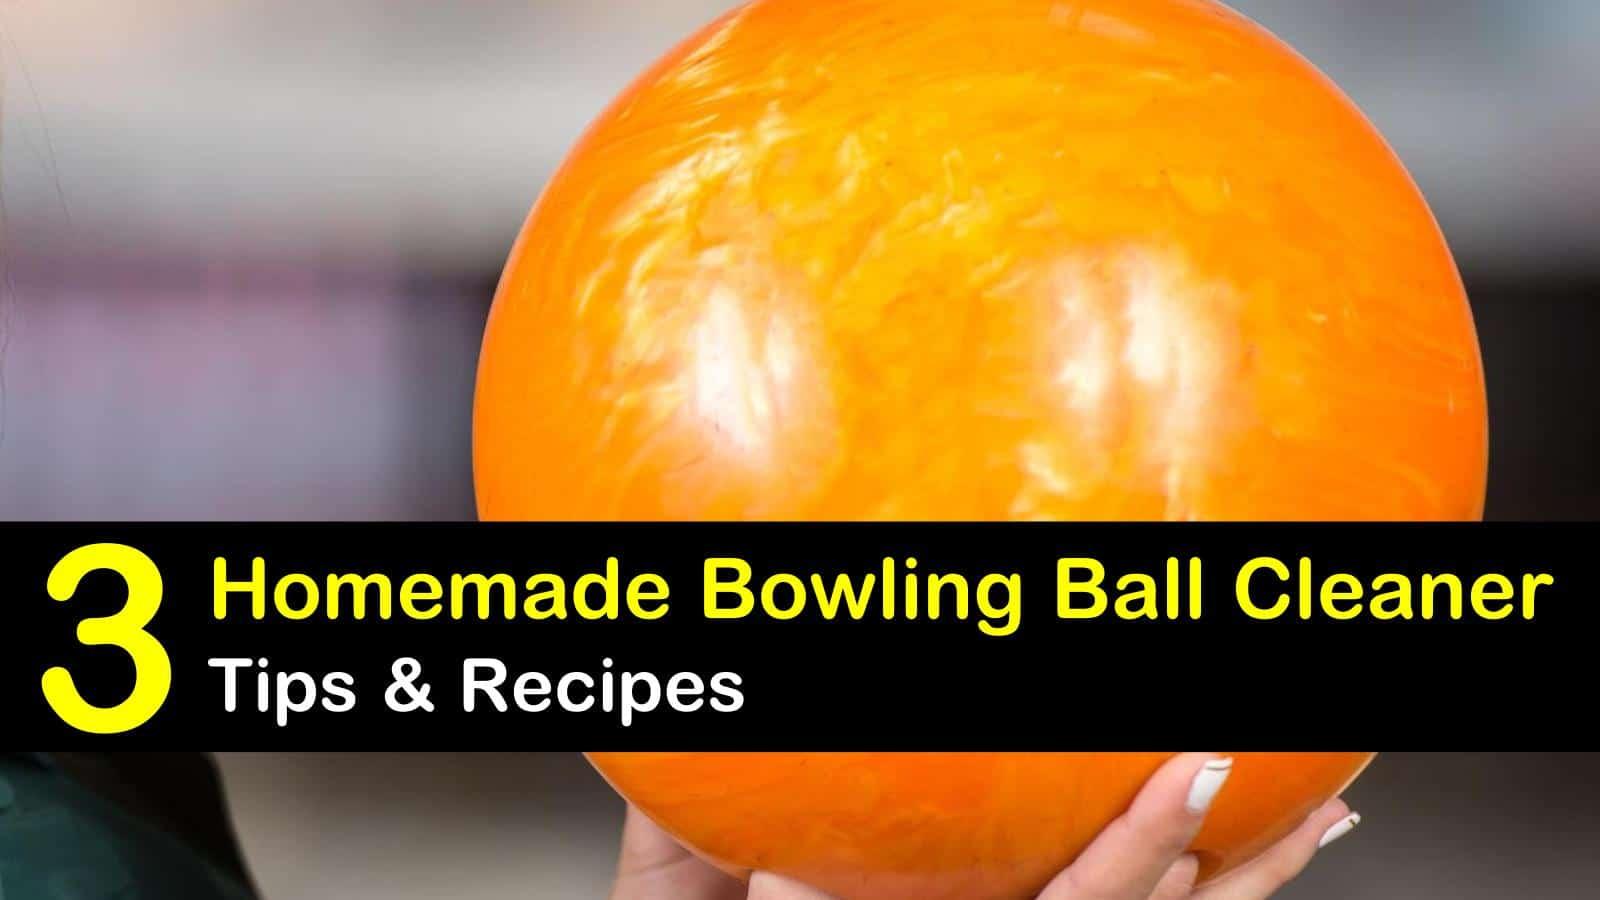 homemade bowling ball cleaner titleimg1